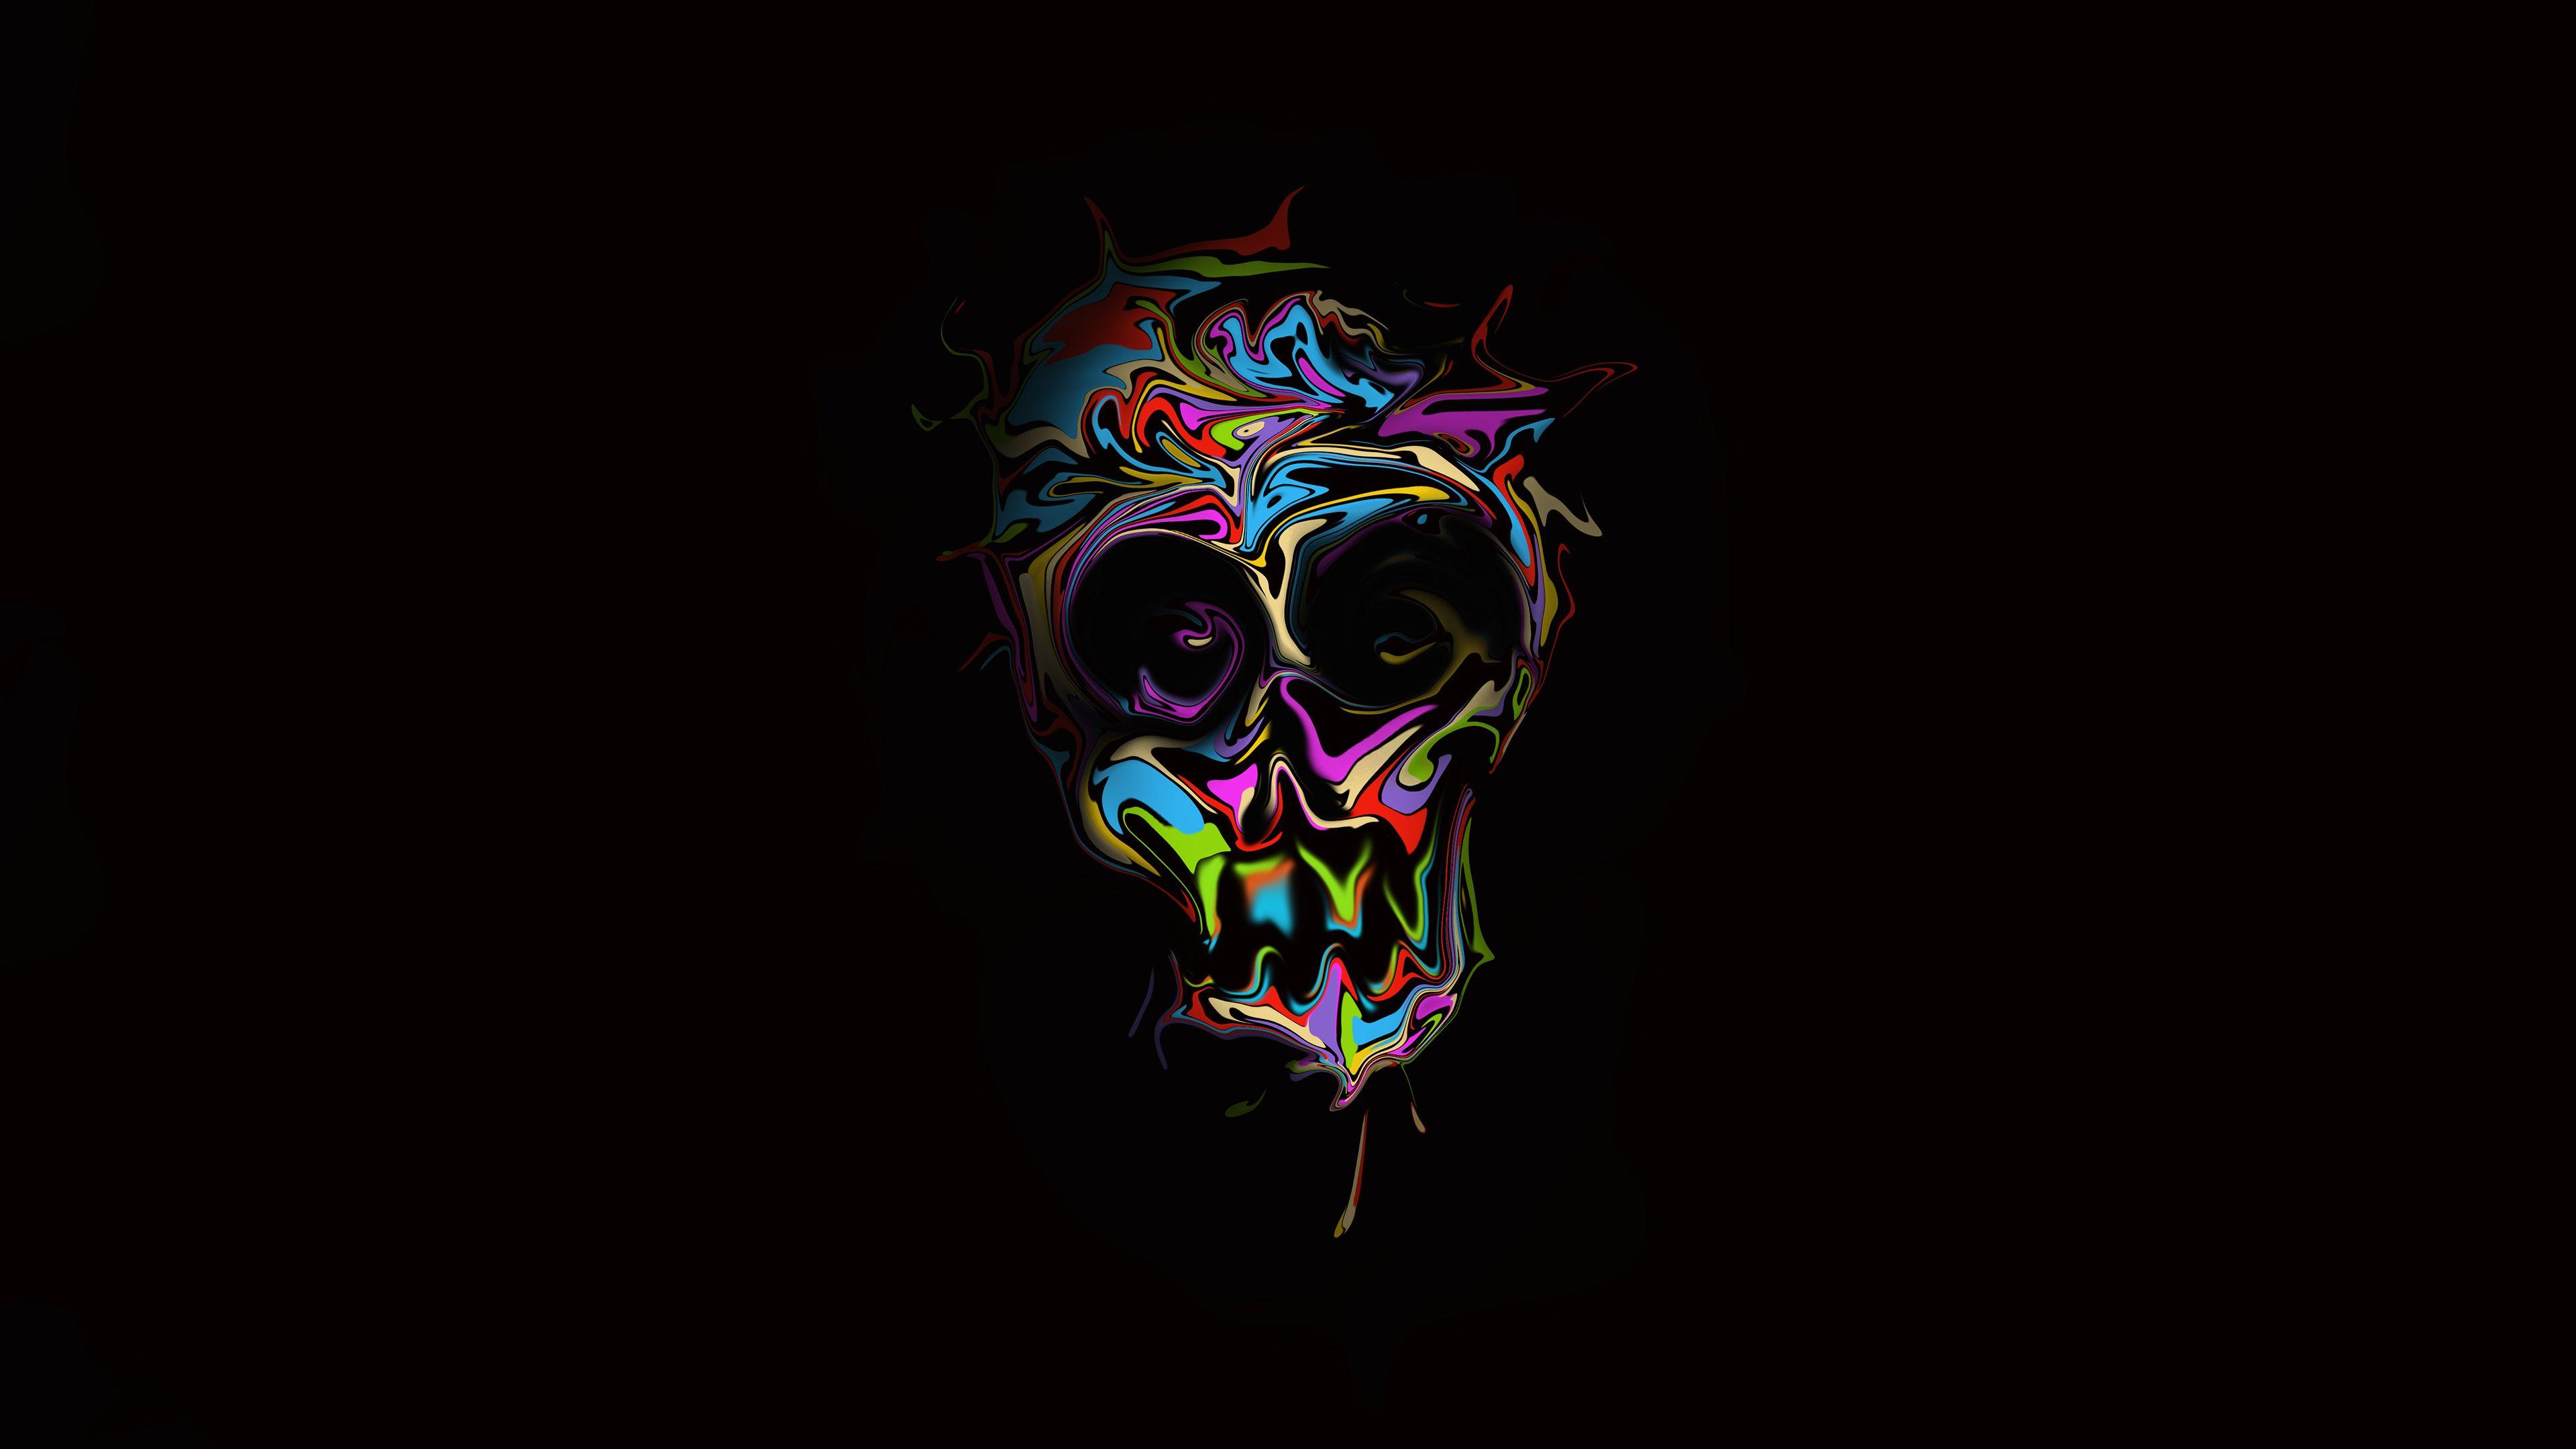 Colorful Skull Dark Art Skull Wallpapers Hd Wallpapers Digital Art Wallpapers Colorful Wallpapers Skull Wallpaper Desktop Wallpaper Black Artistic Wallpaper